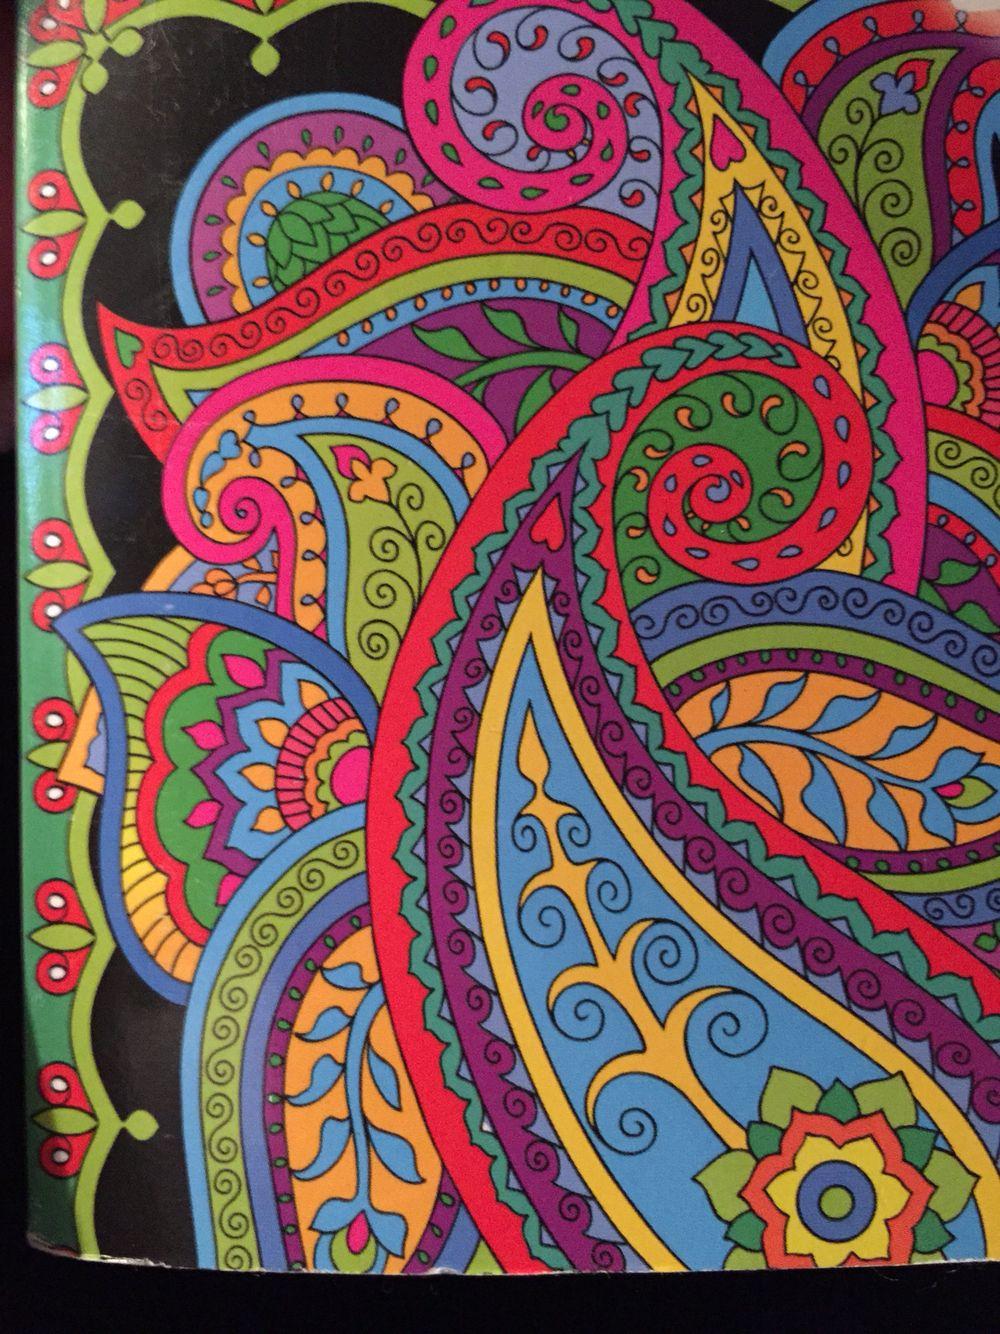 Zentangle | Painted sticks, Fabric painting, Paisley pattern